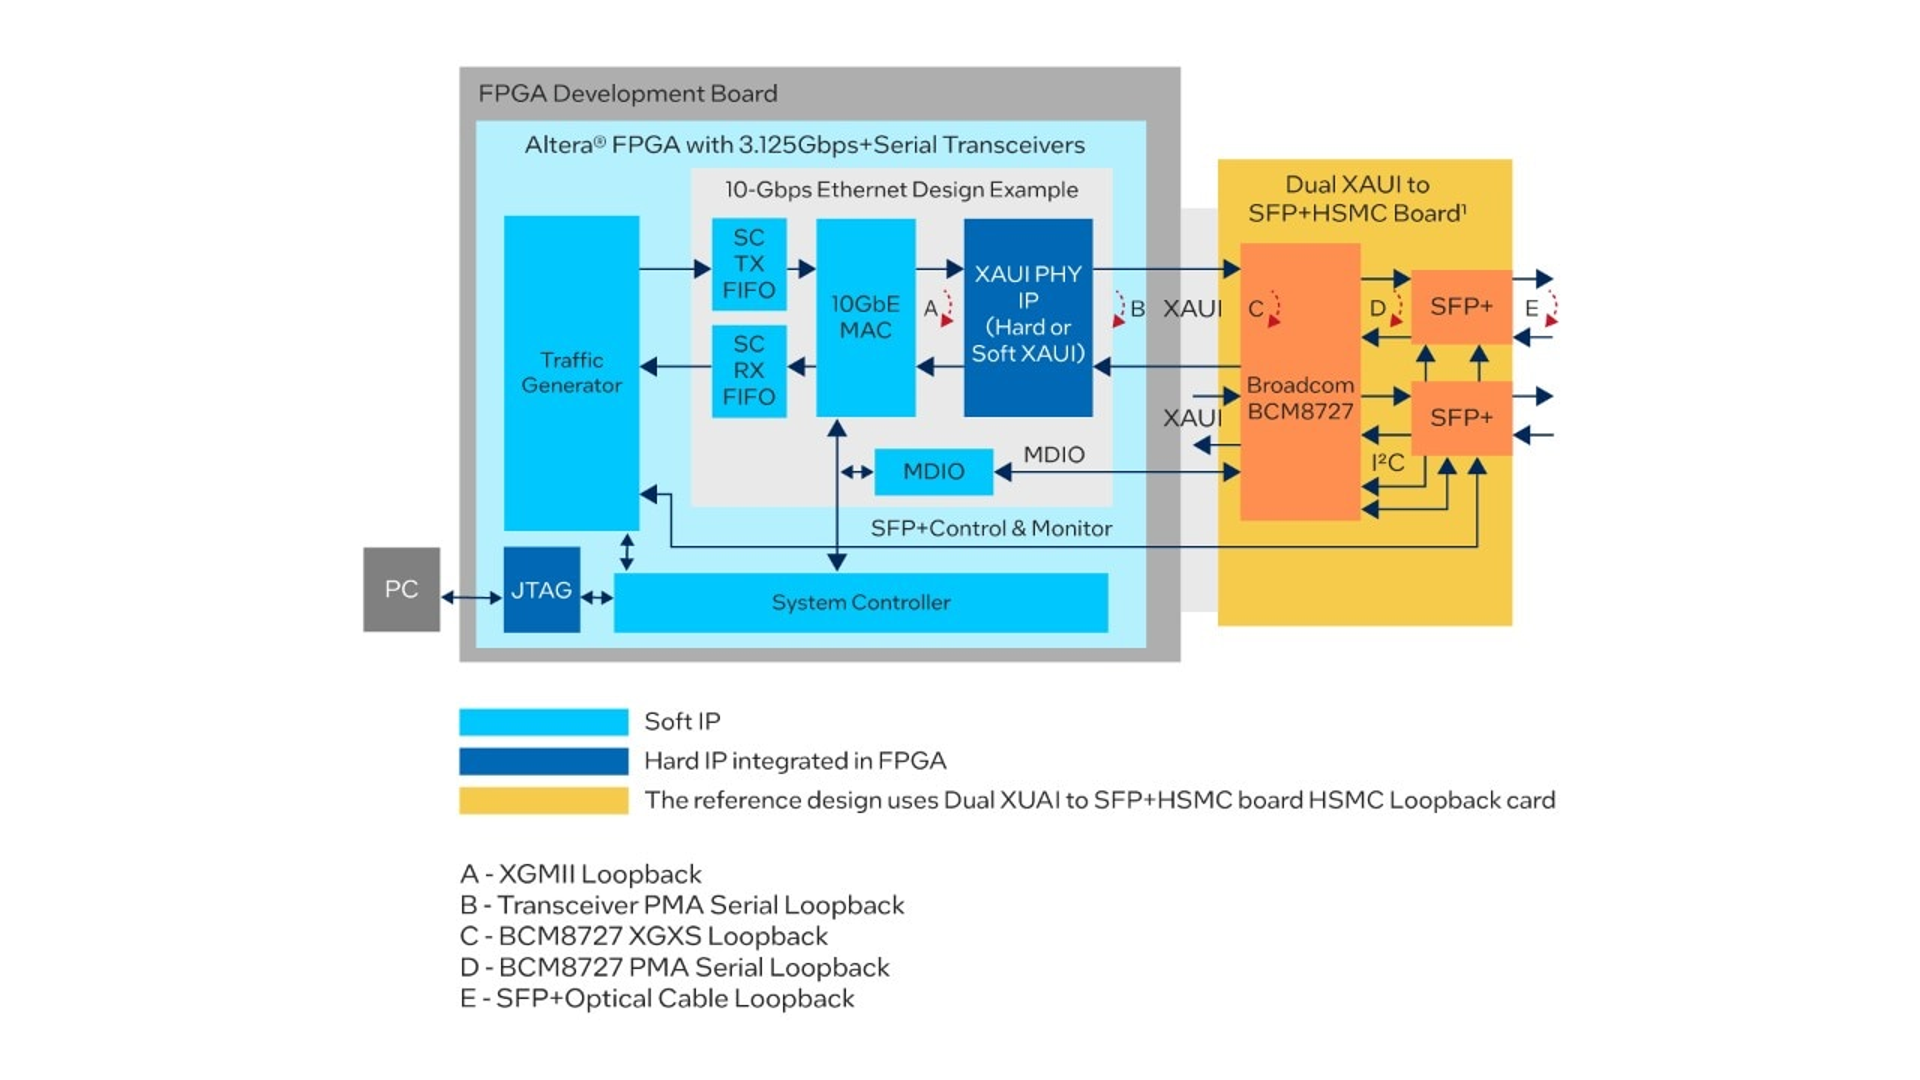 10-Gbps Ethernet Hardware Demonstration Reference Design on